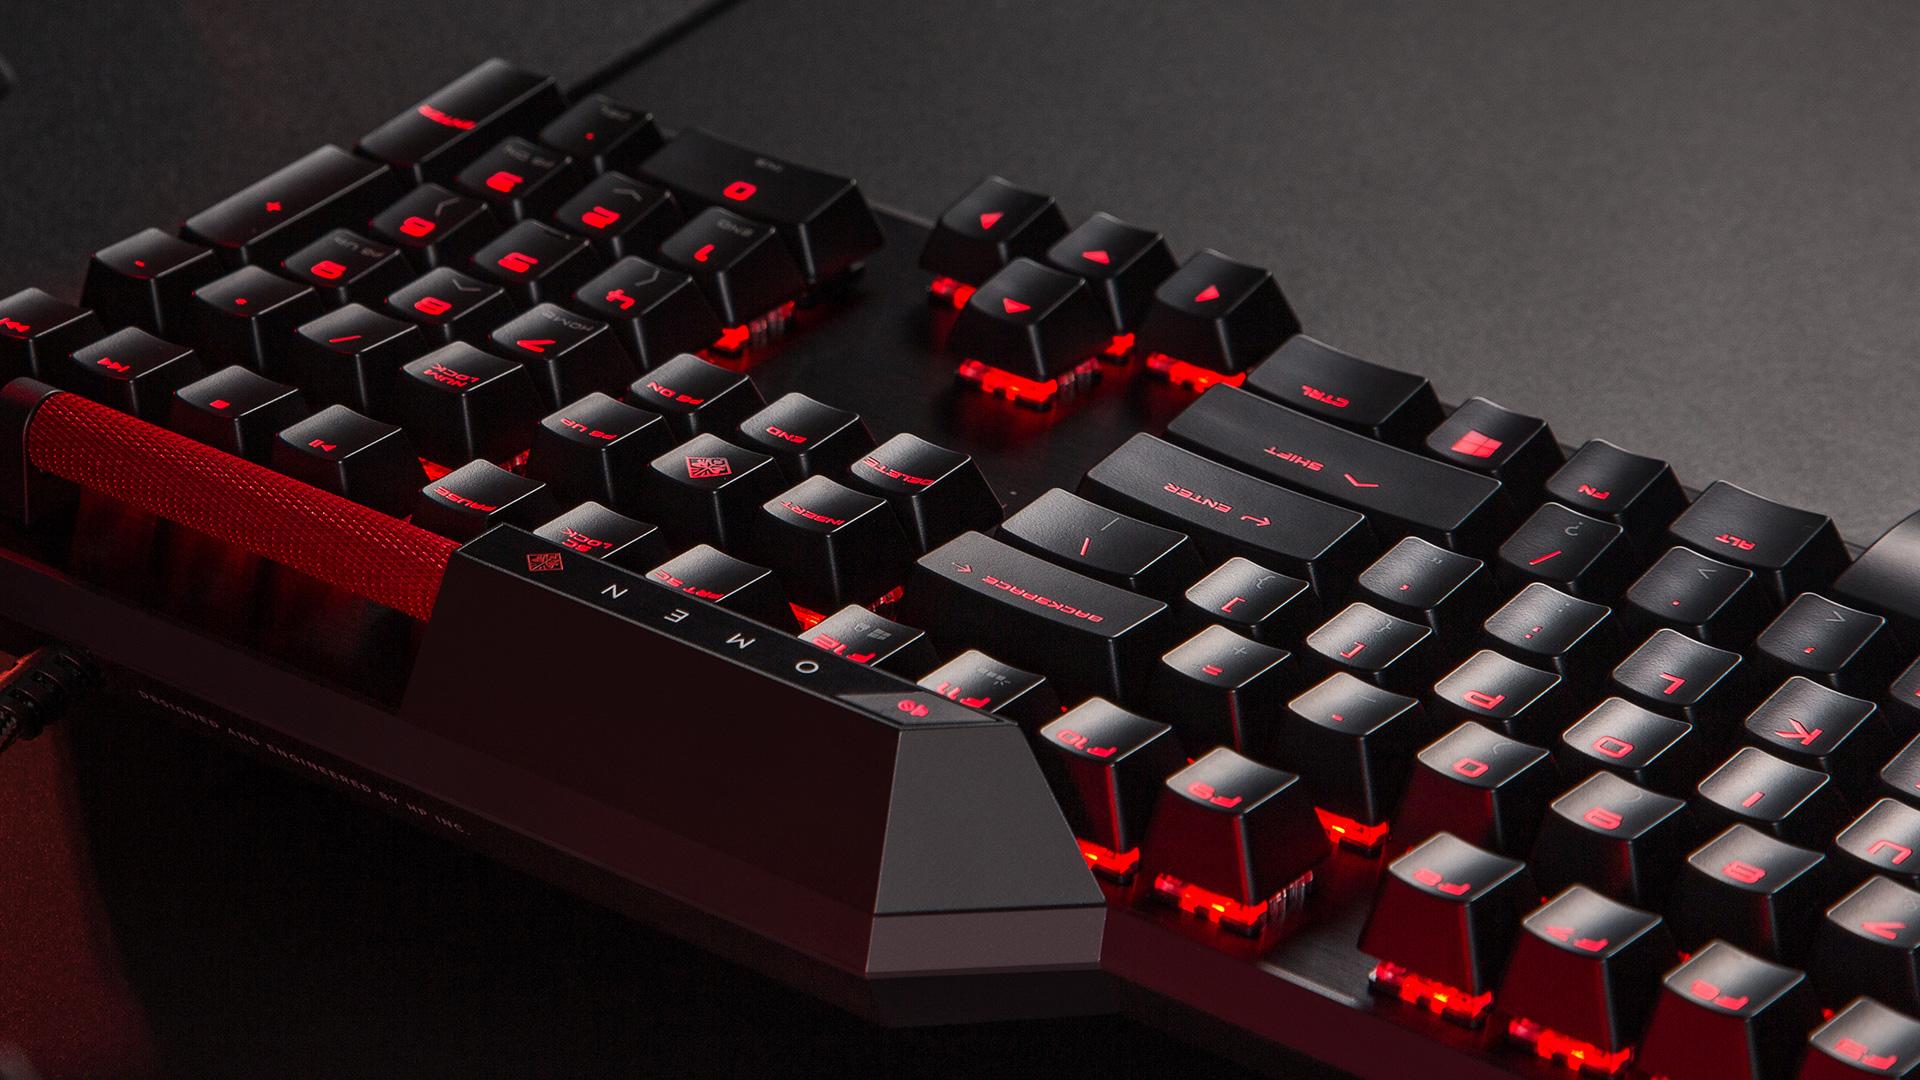 A la hora de pelear: ¿Prefieres joystick o teclado?